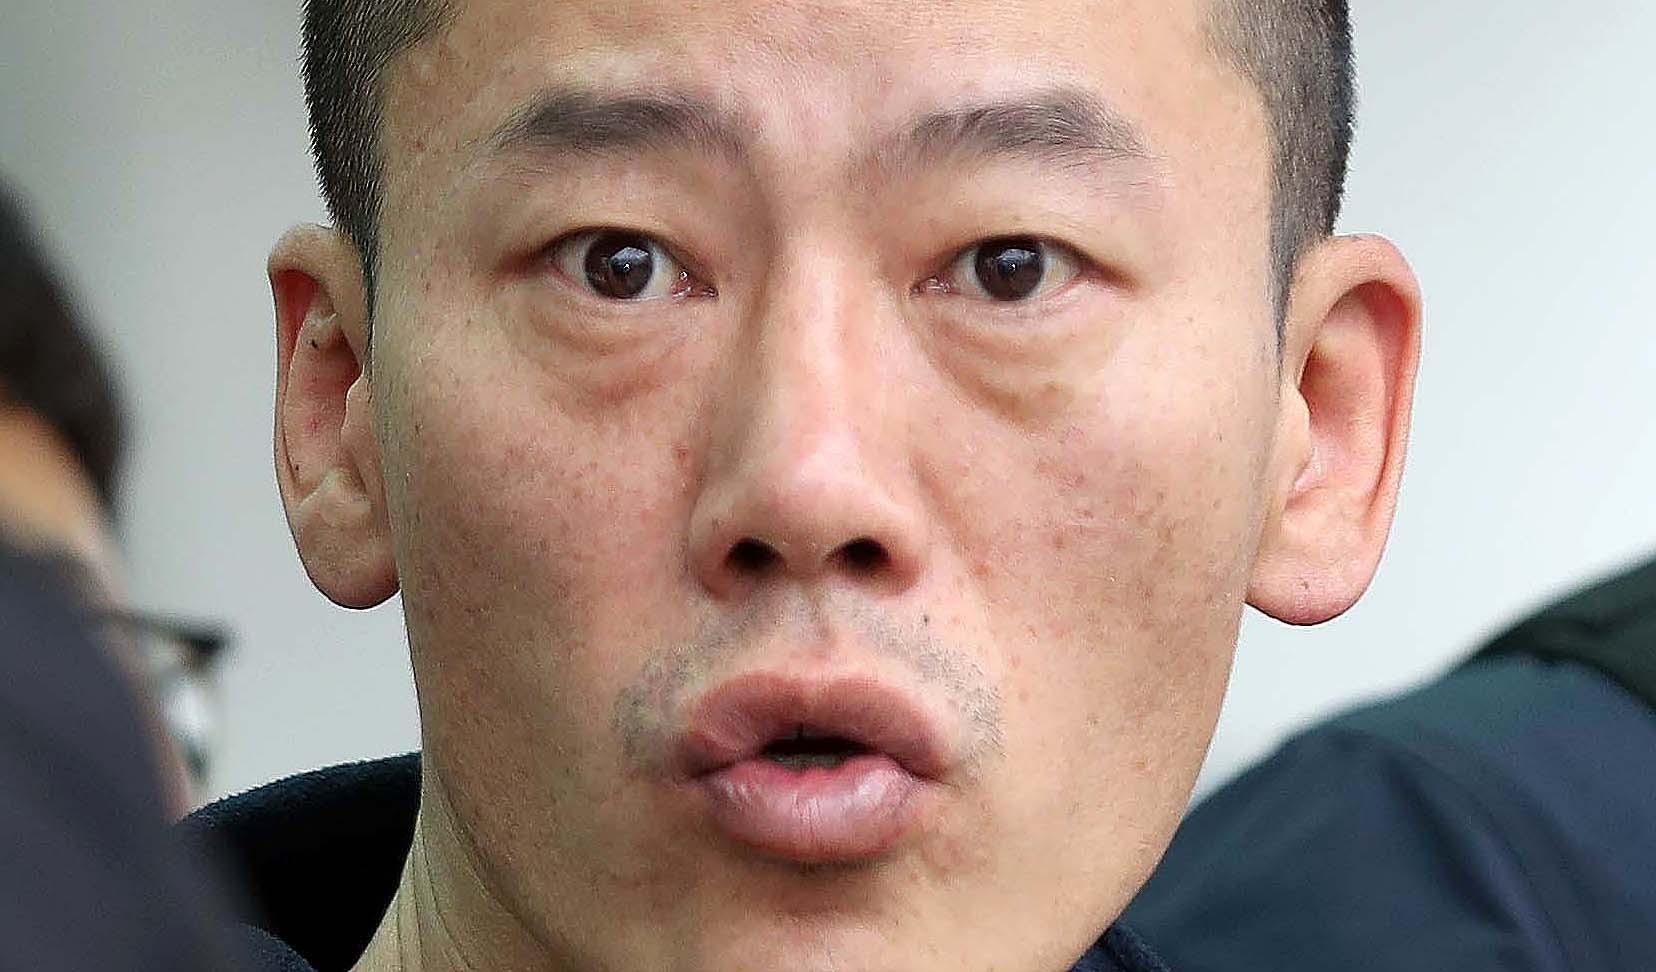 진주 아파트 방화살인 혐의로 구속된 안인득(42)은 병원을 가기 위해 19일 오후 경남 진주경찰서을 나서면서 얼굴을 가리지않았다. [연합뉴스]